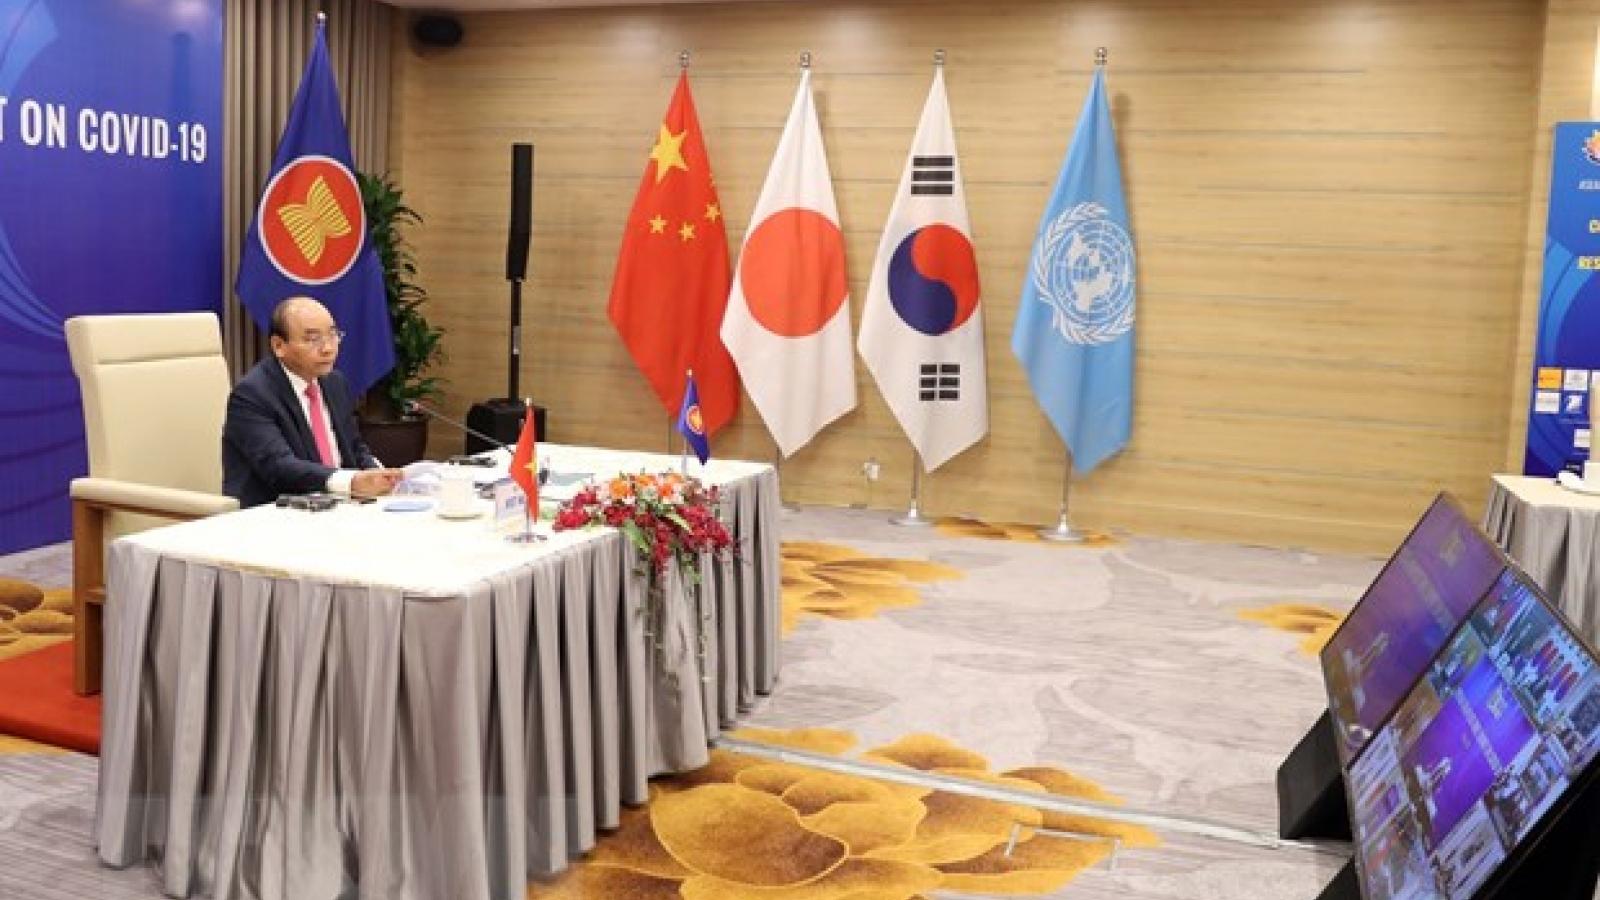 Chuyên gia Singapore đánh giá cao về Hội nghị cấp cao đặc biệt ASEAN